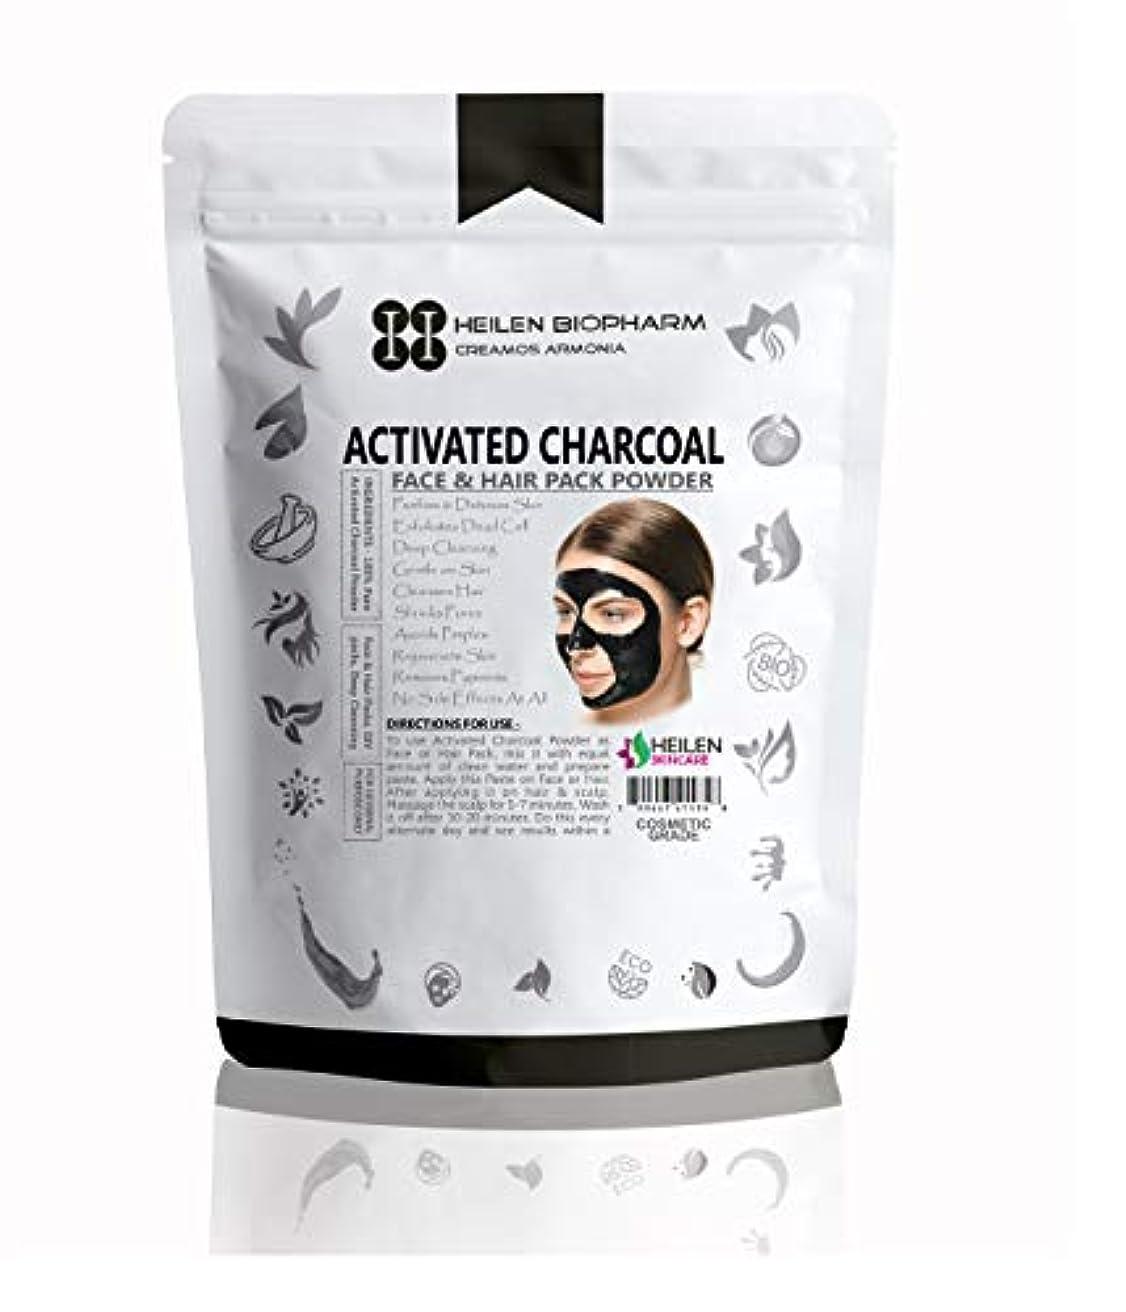 とまり木中級周辺活性化チャコールパウダー(フェイスパック用)(Activated Charcoal Powder for Face Pack) (200 gm / 7 oz / 0.44 lb)